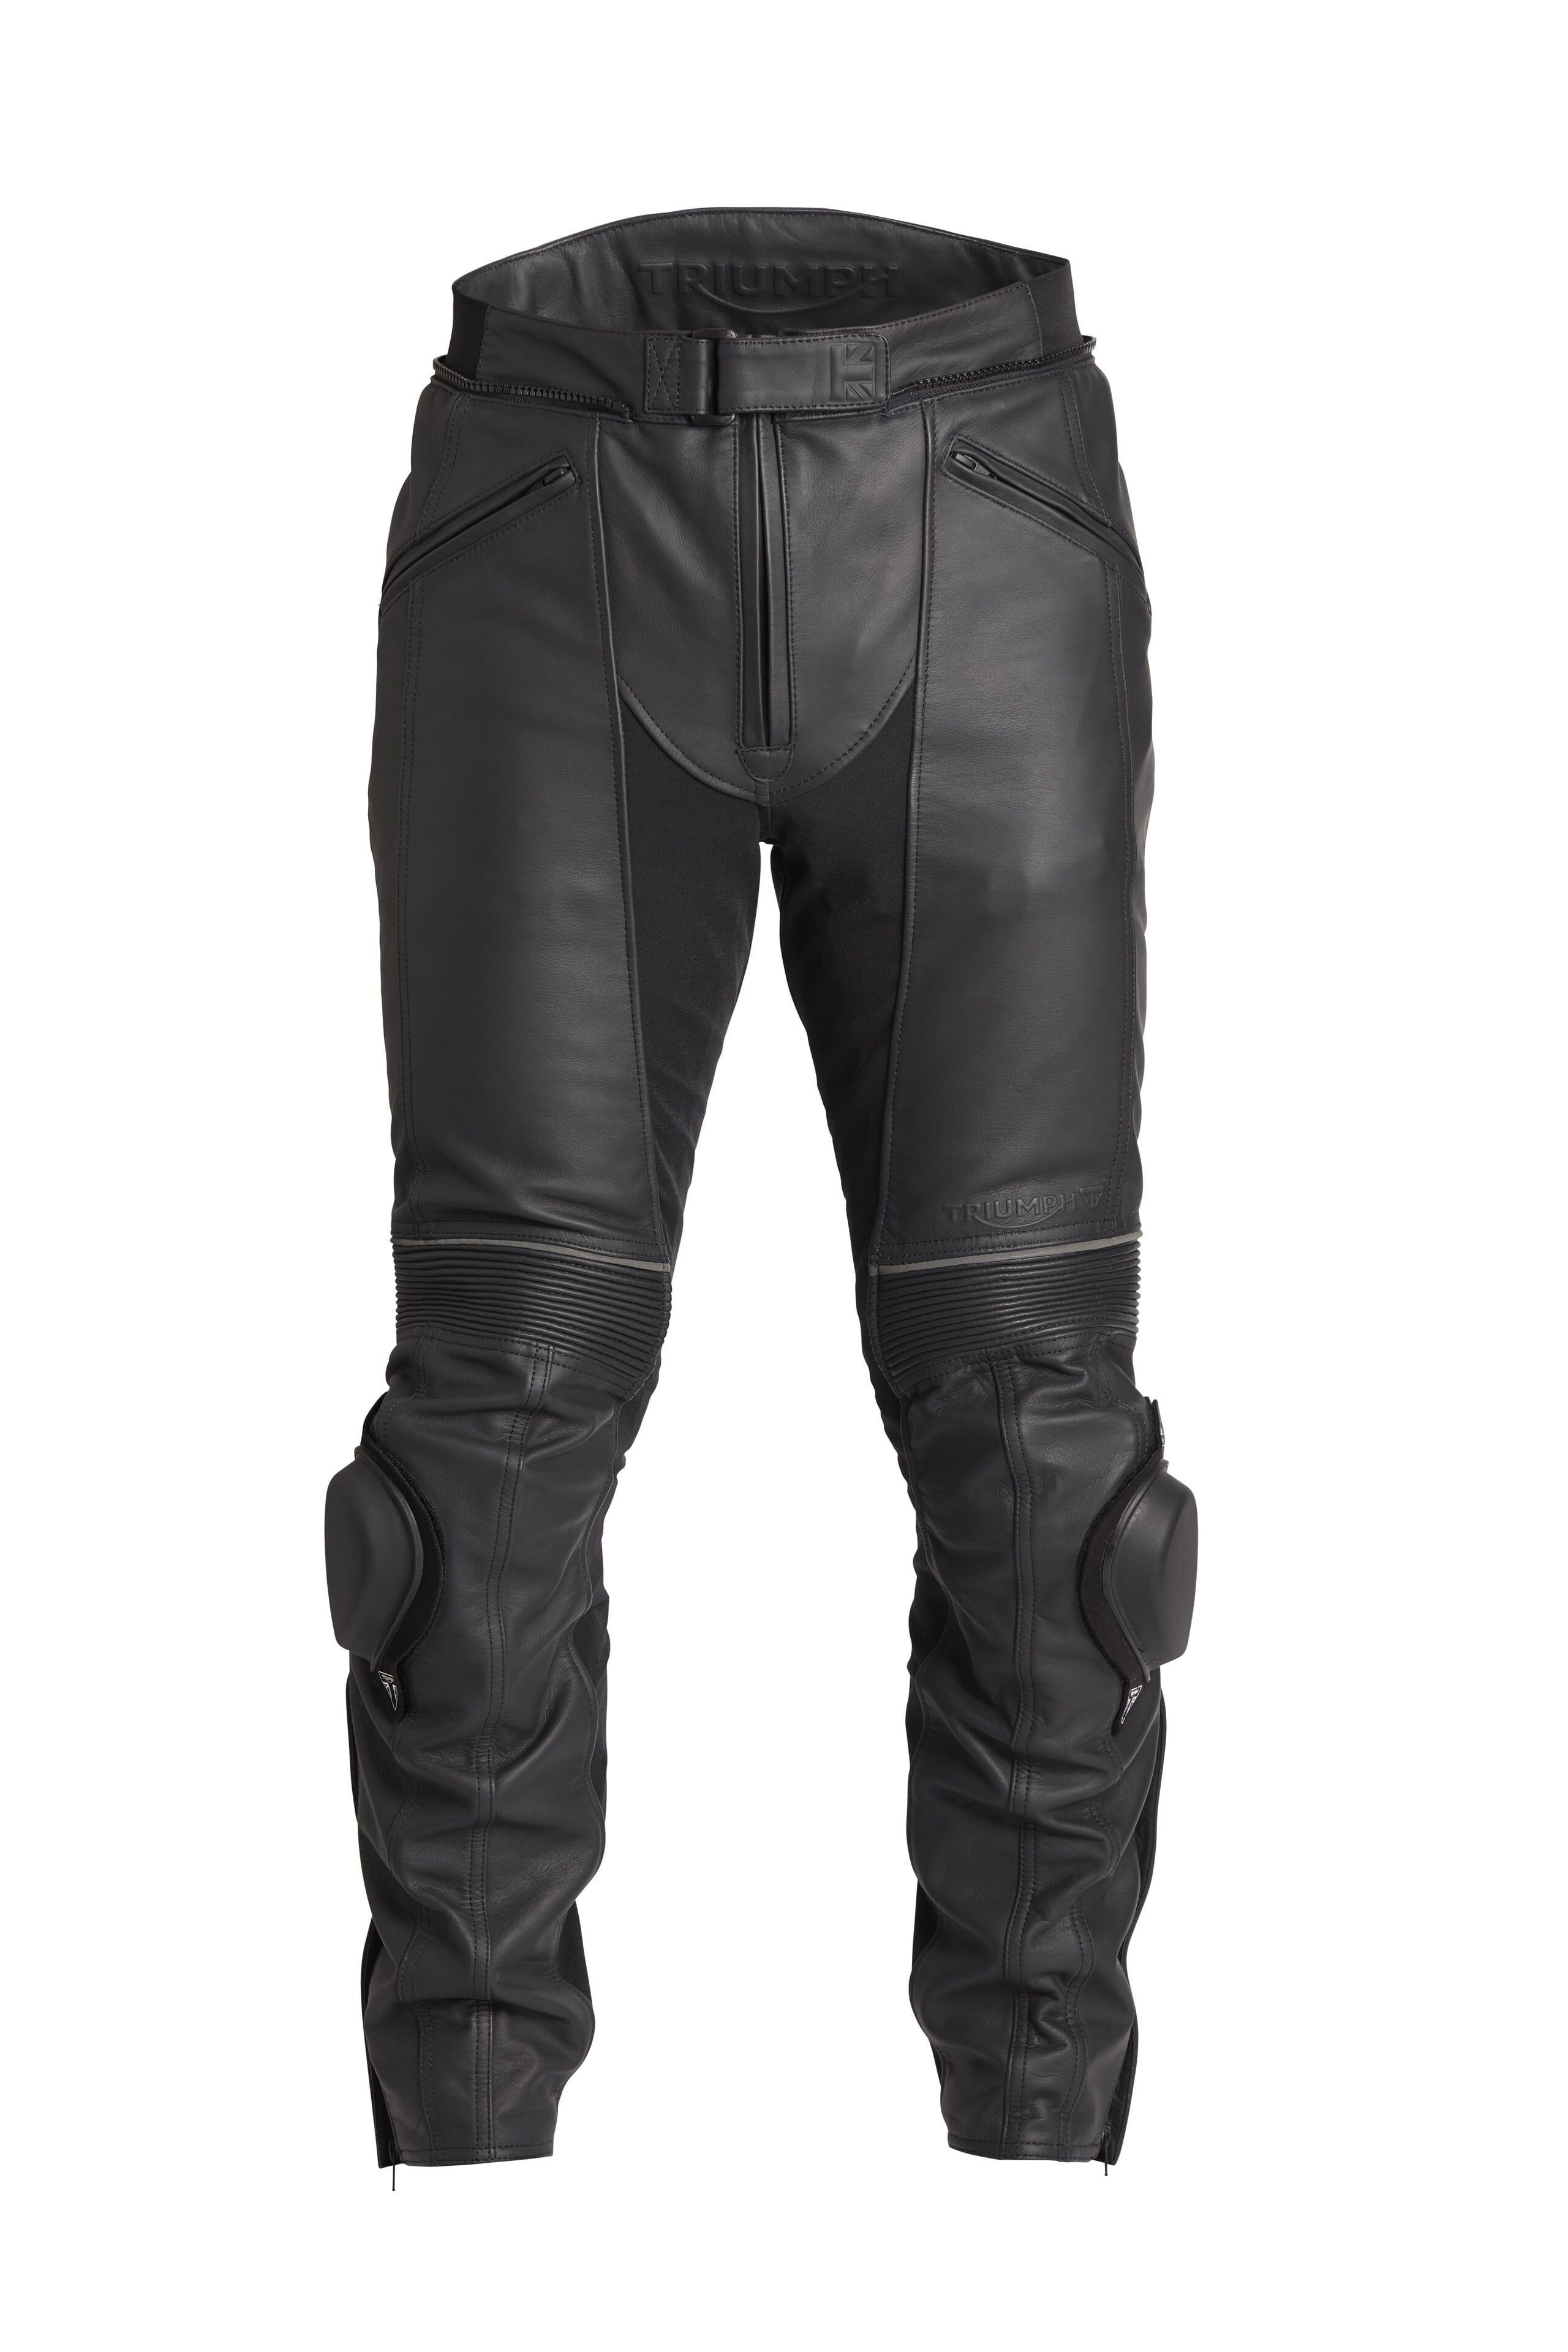 MC klær Triumph i skinn| Stort utvalg rask levering | Team